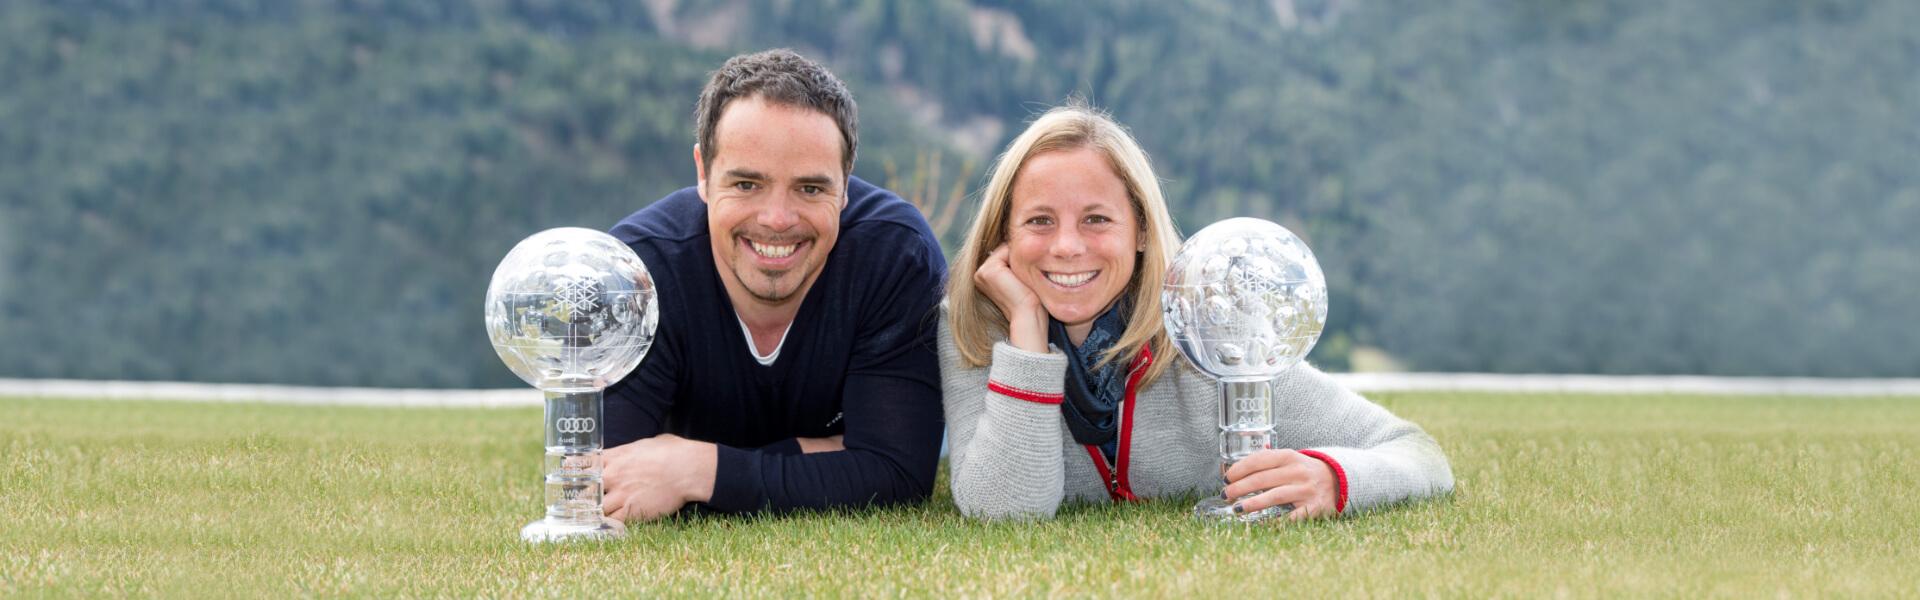 Wordcup Champions aus Kastelruth